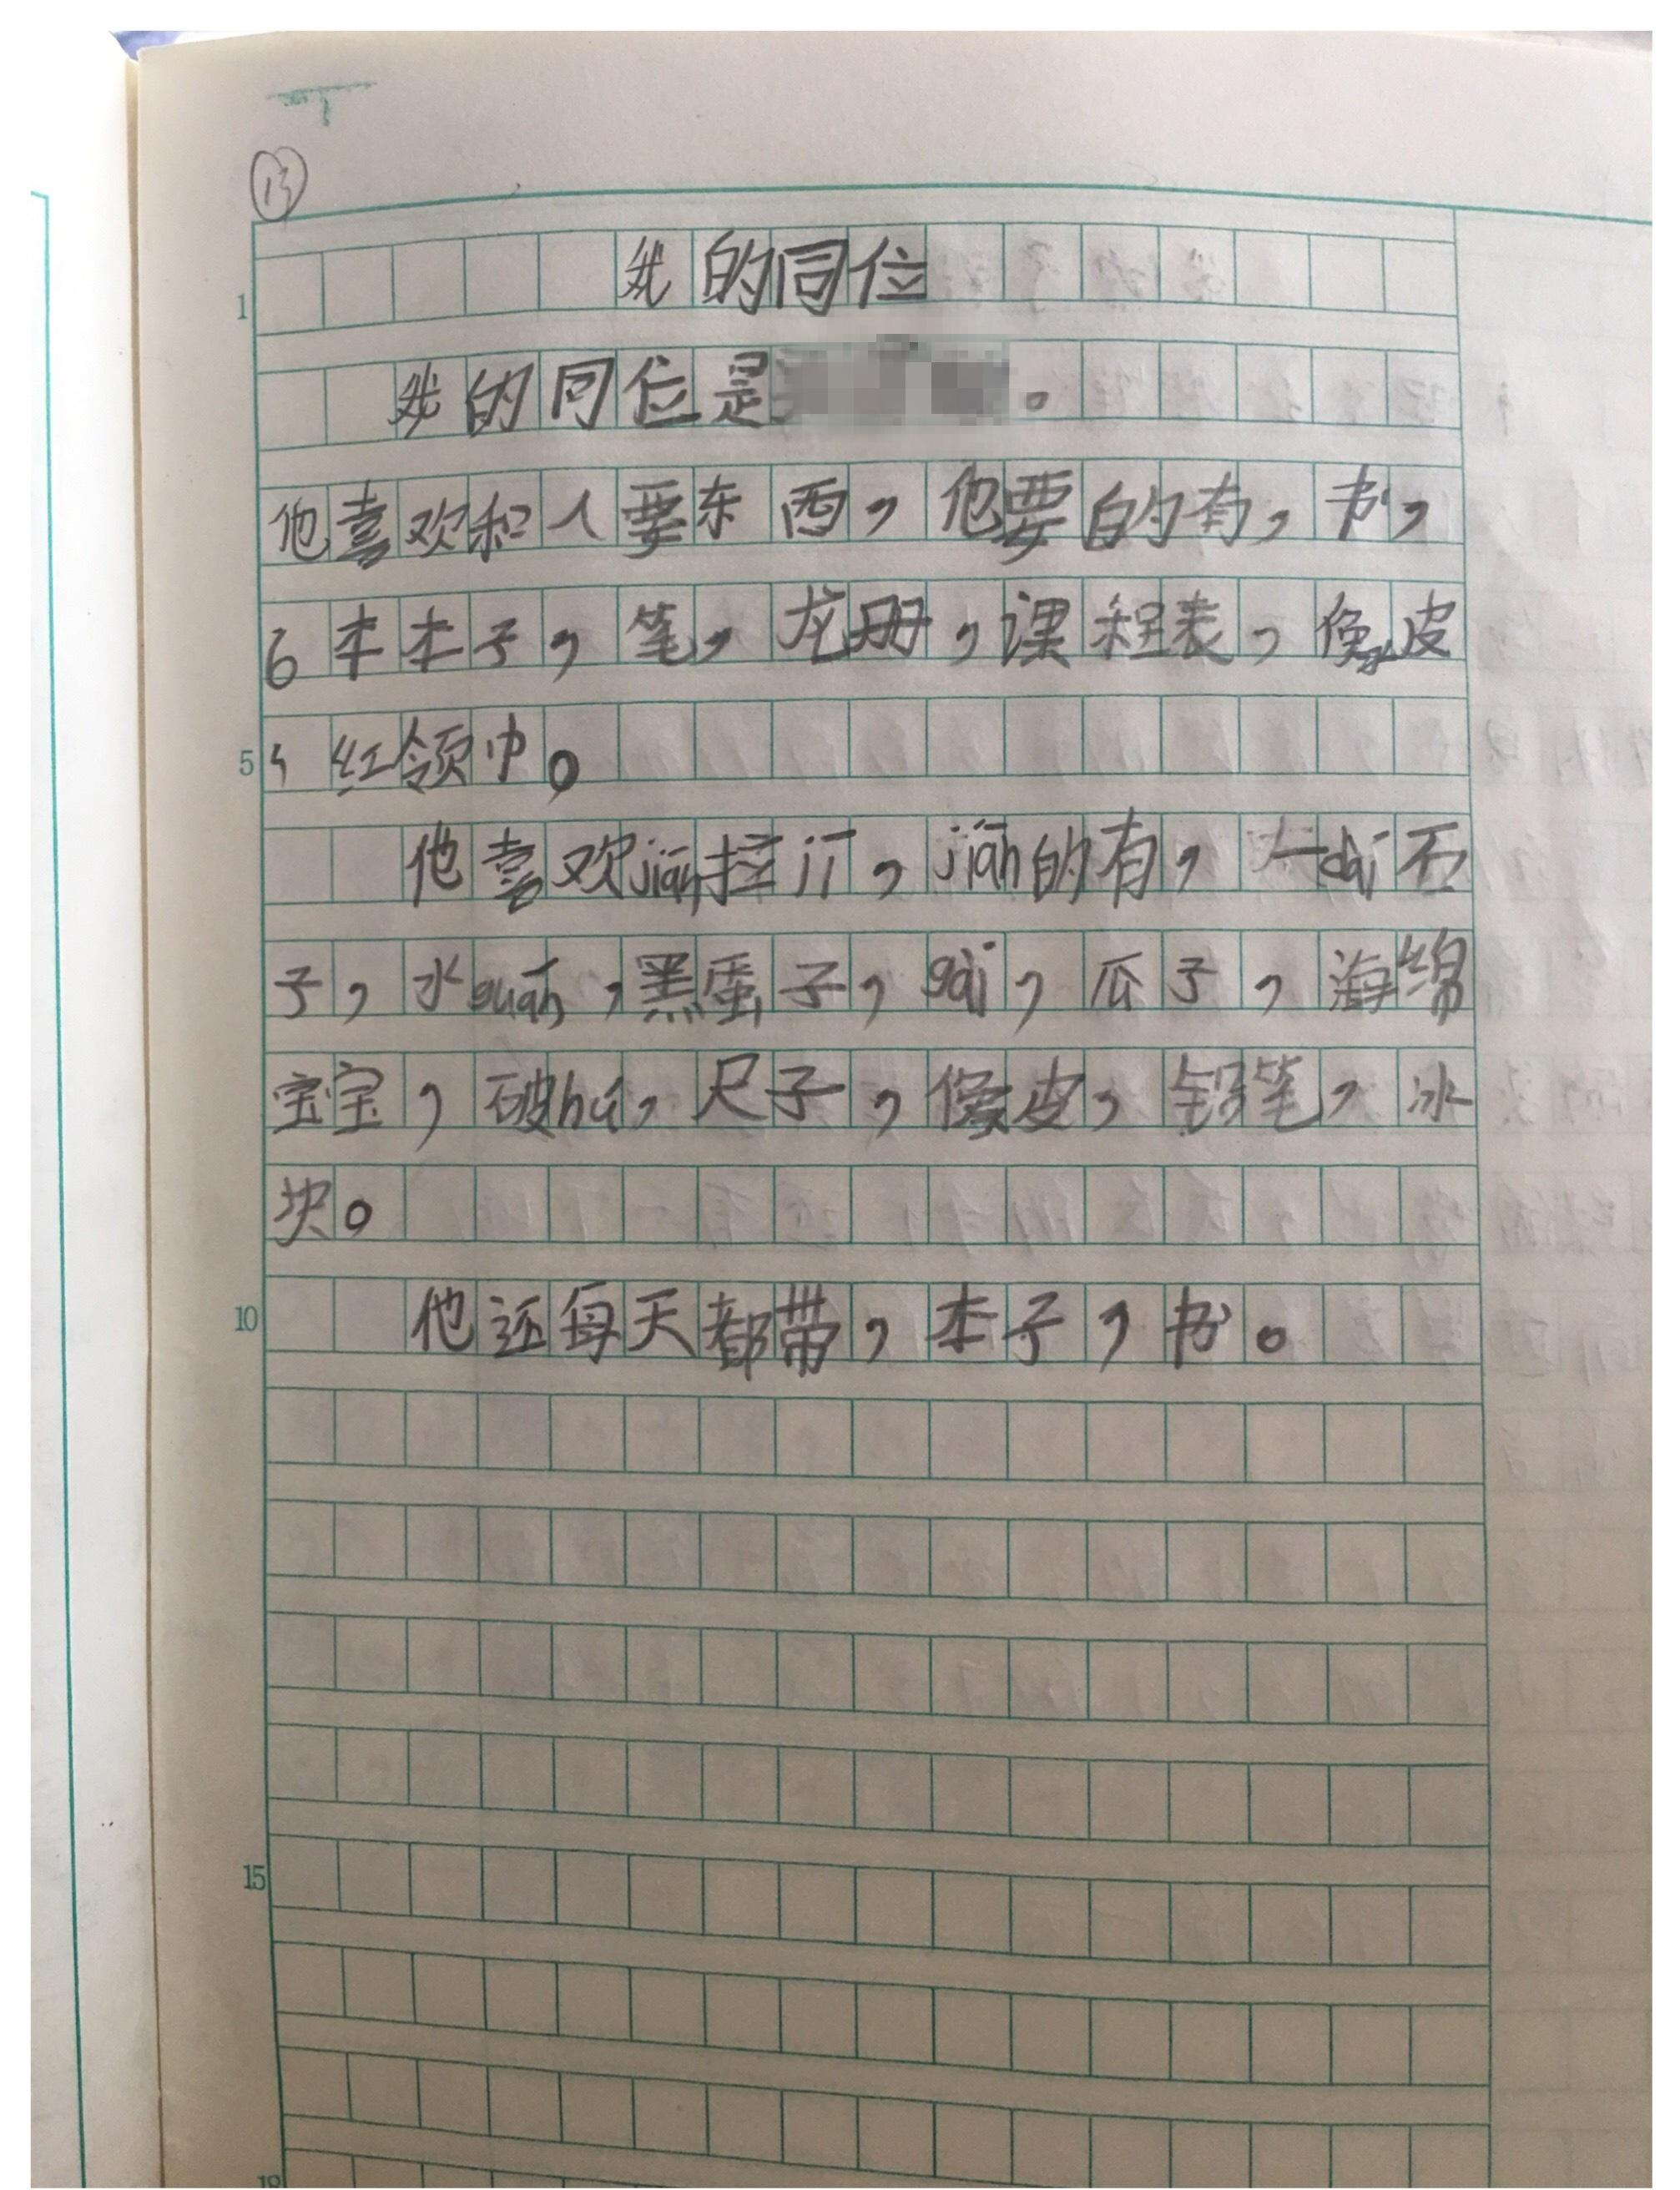 日记_寒假日记五十字_寒假日记100字